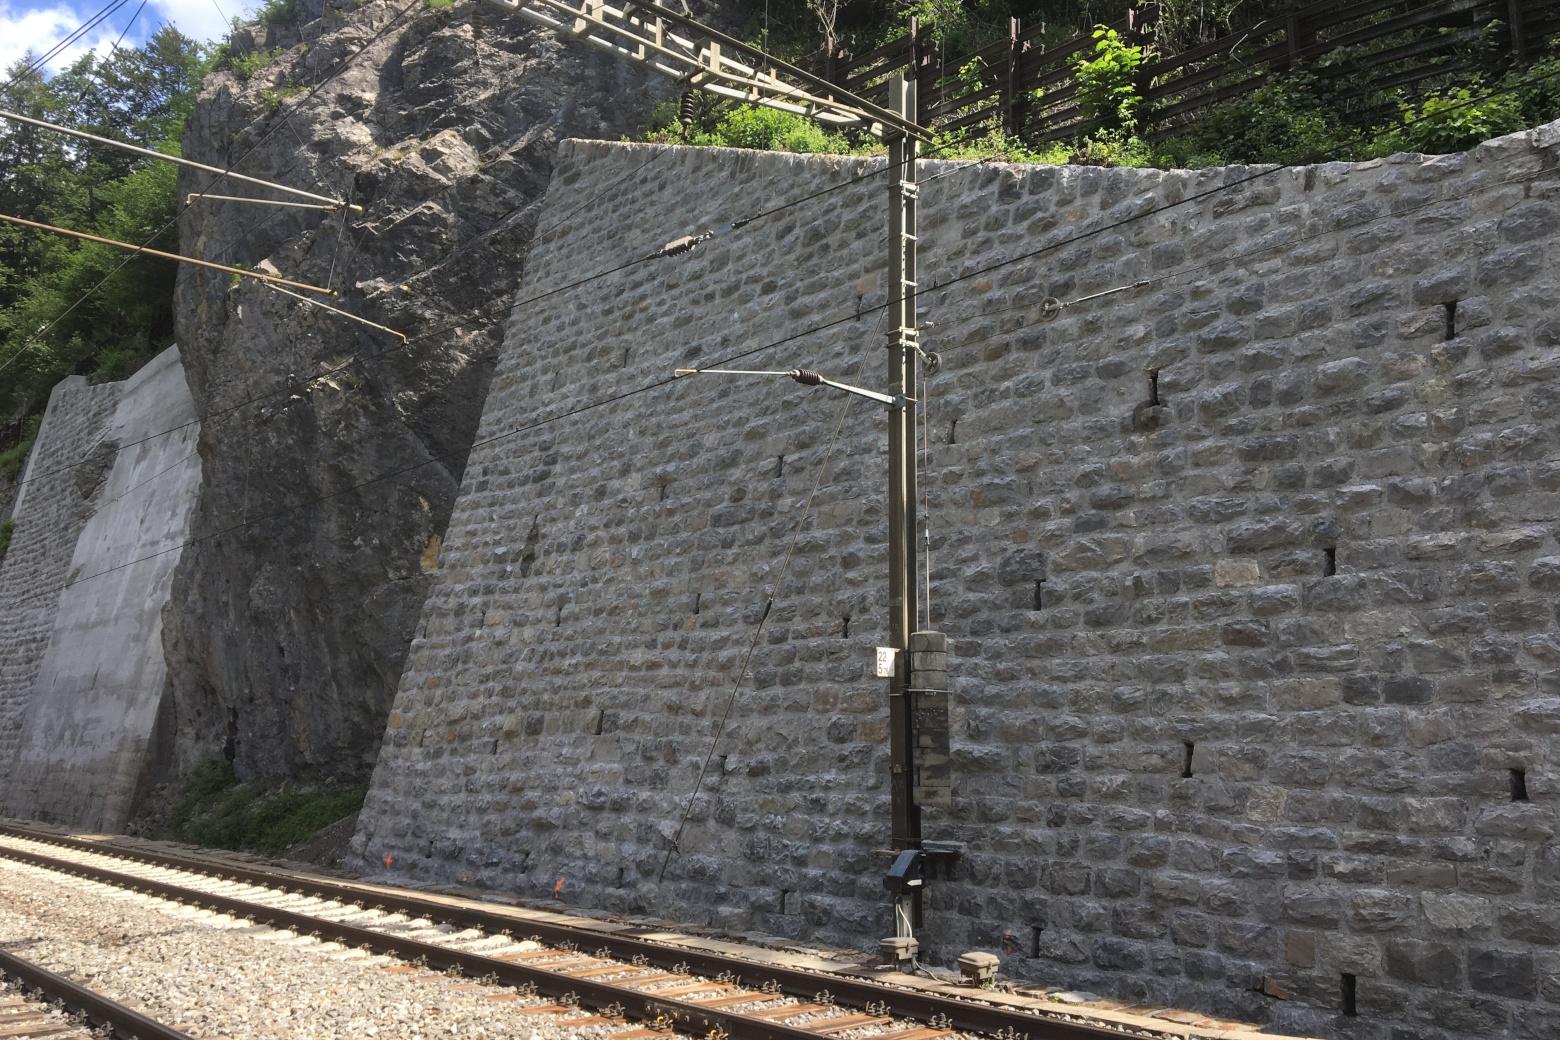 Bild der Sanierung der Stützmauer am Bahnhof Blausee Mitholz